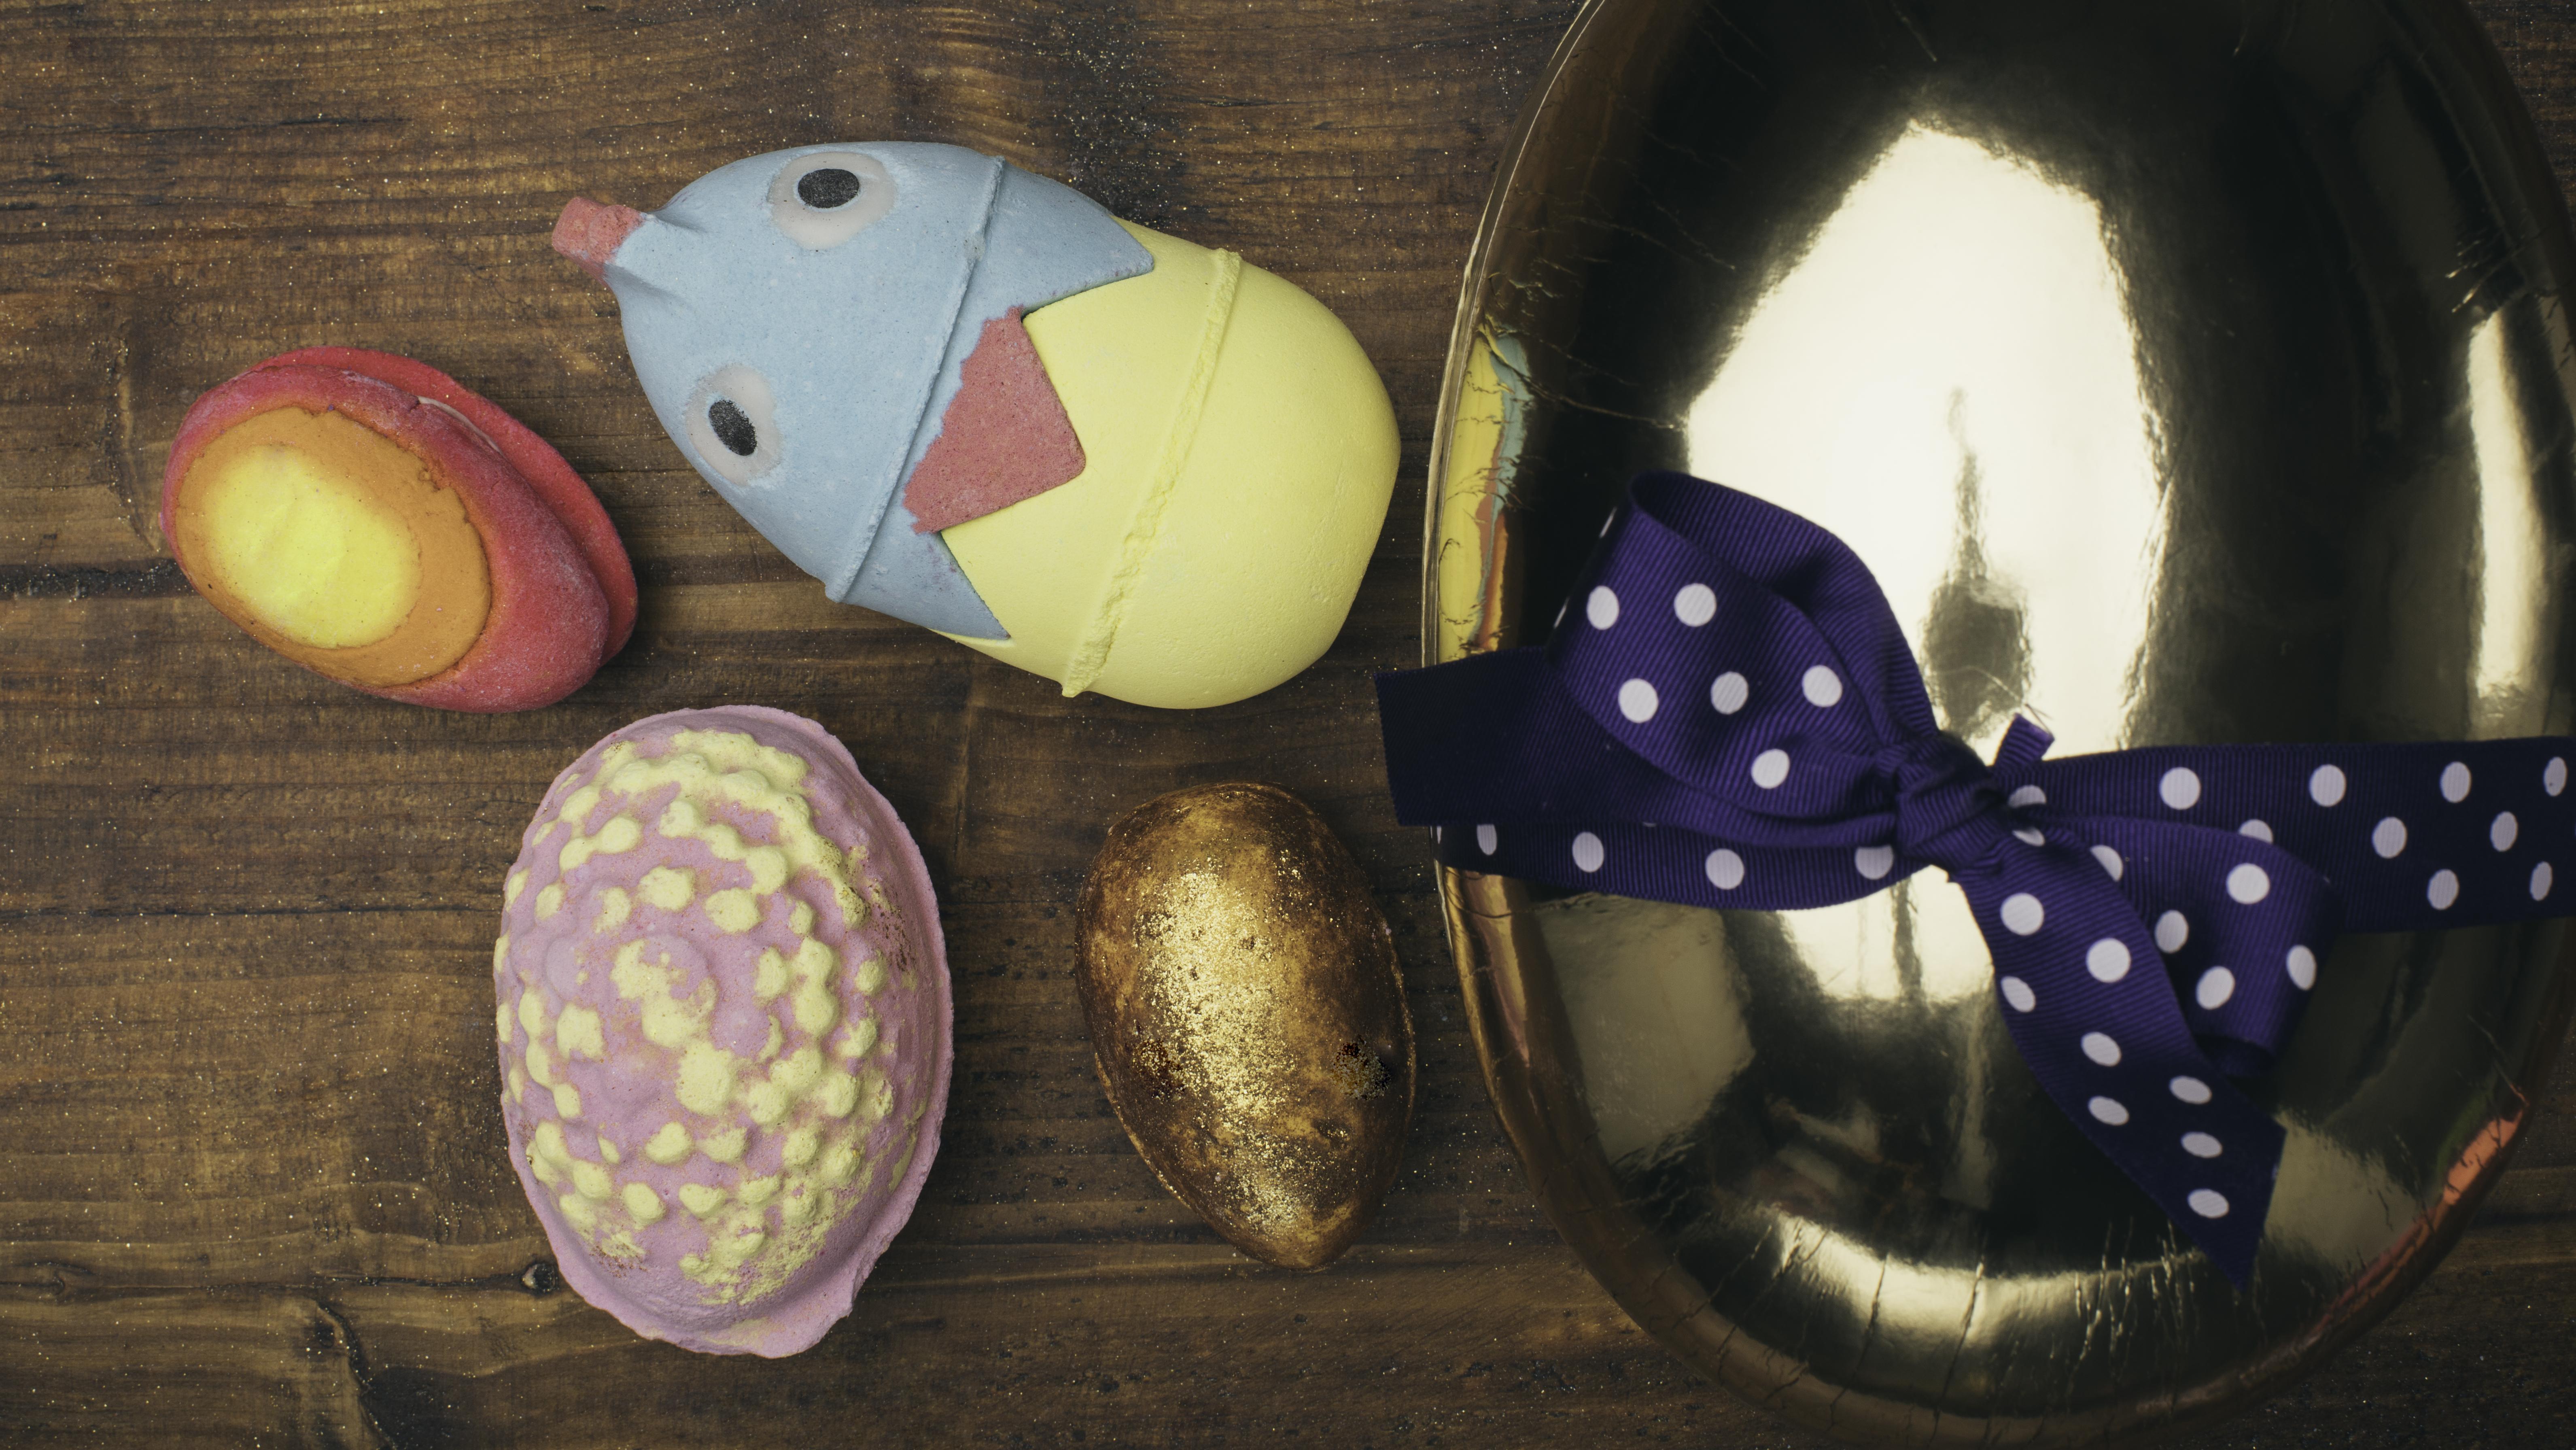 Vasca Da Bagno Uovo : Quale uovo di pasqua regalare idee profumi e tanti colori lush